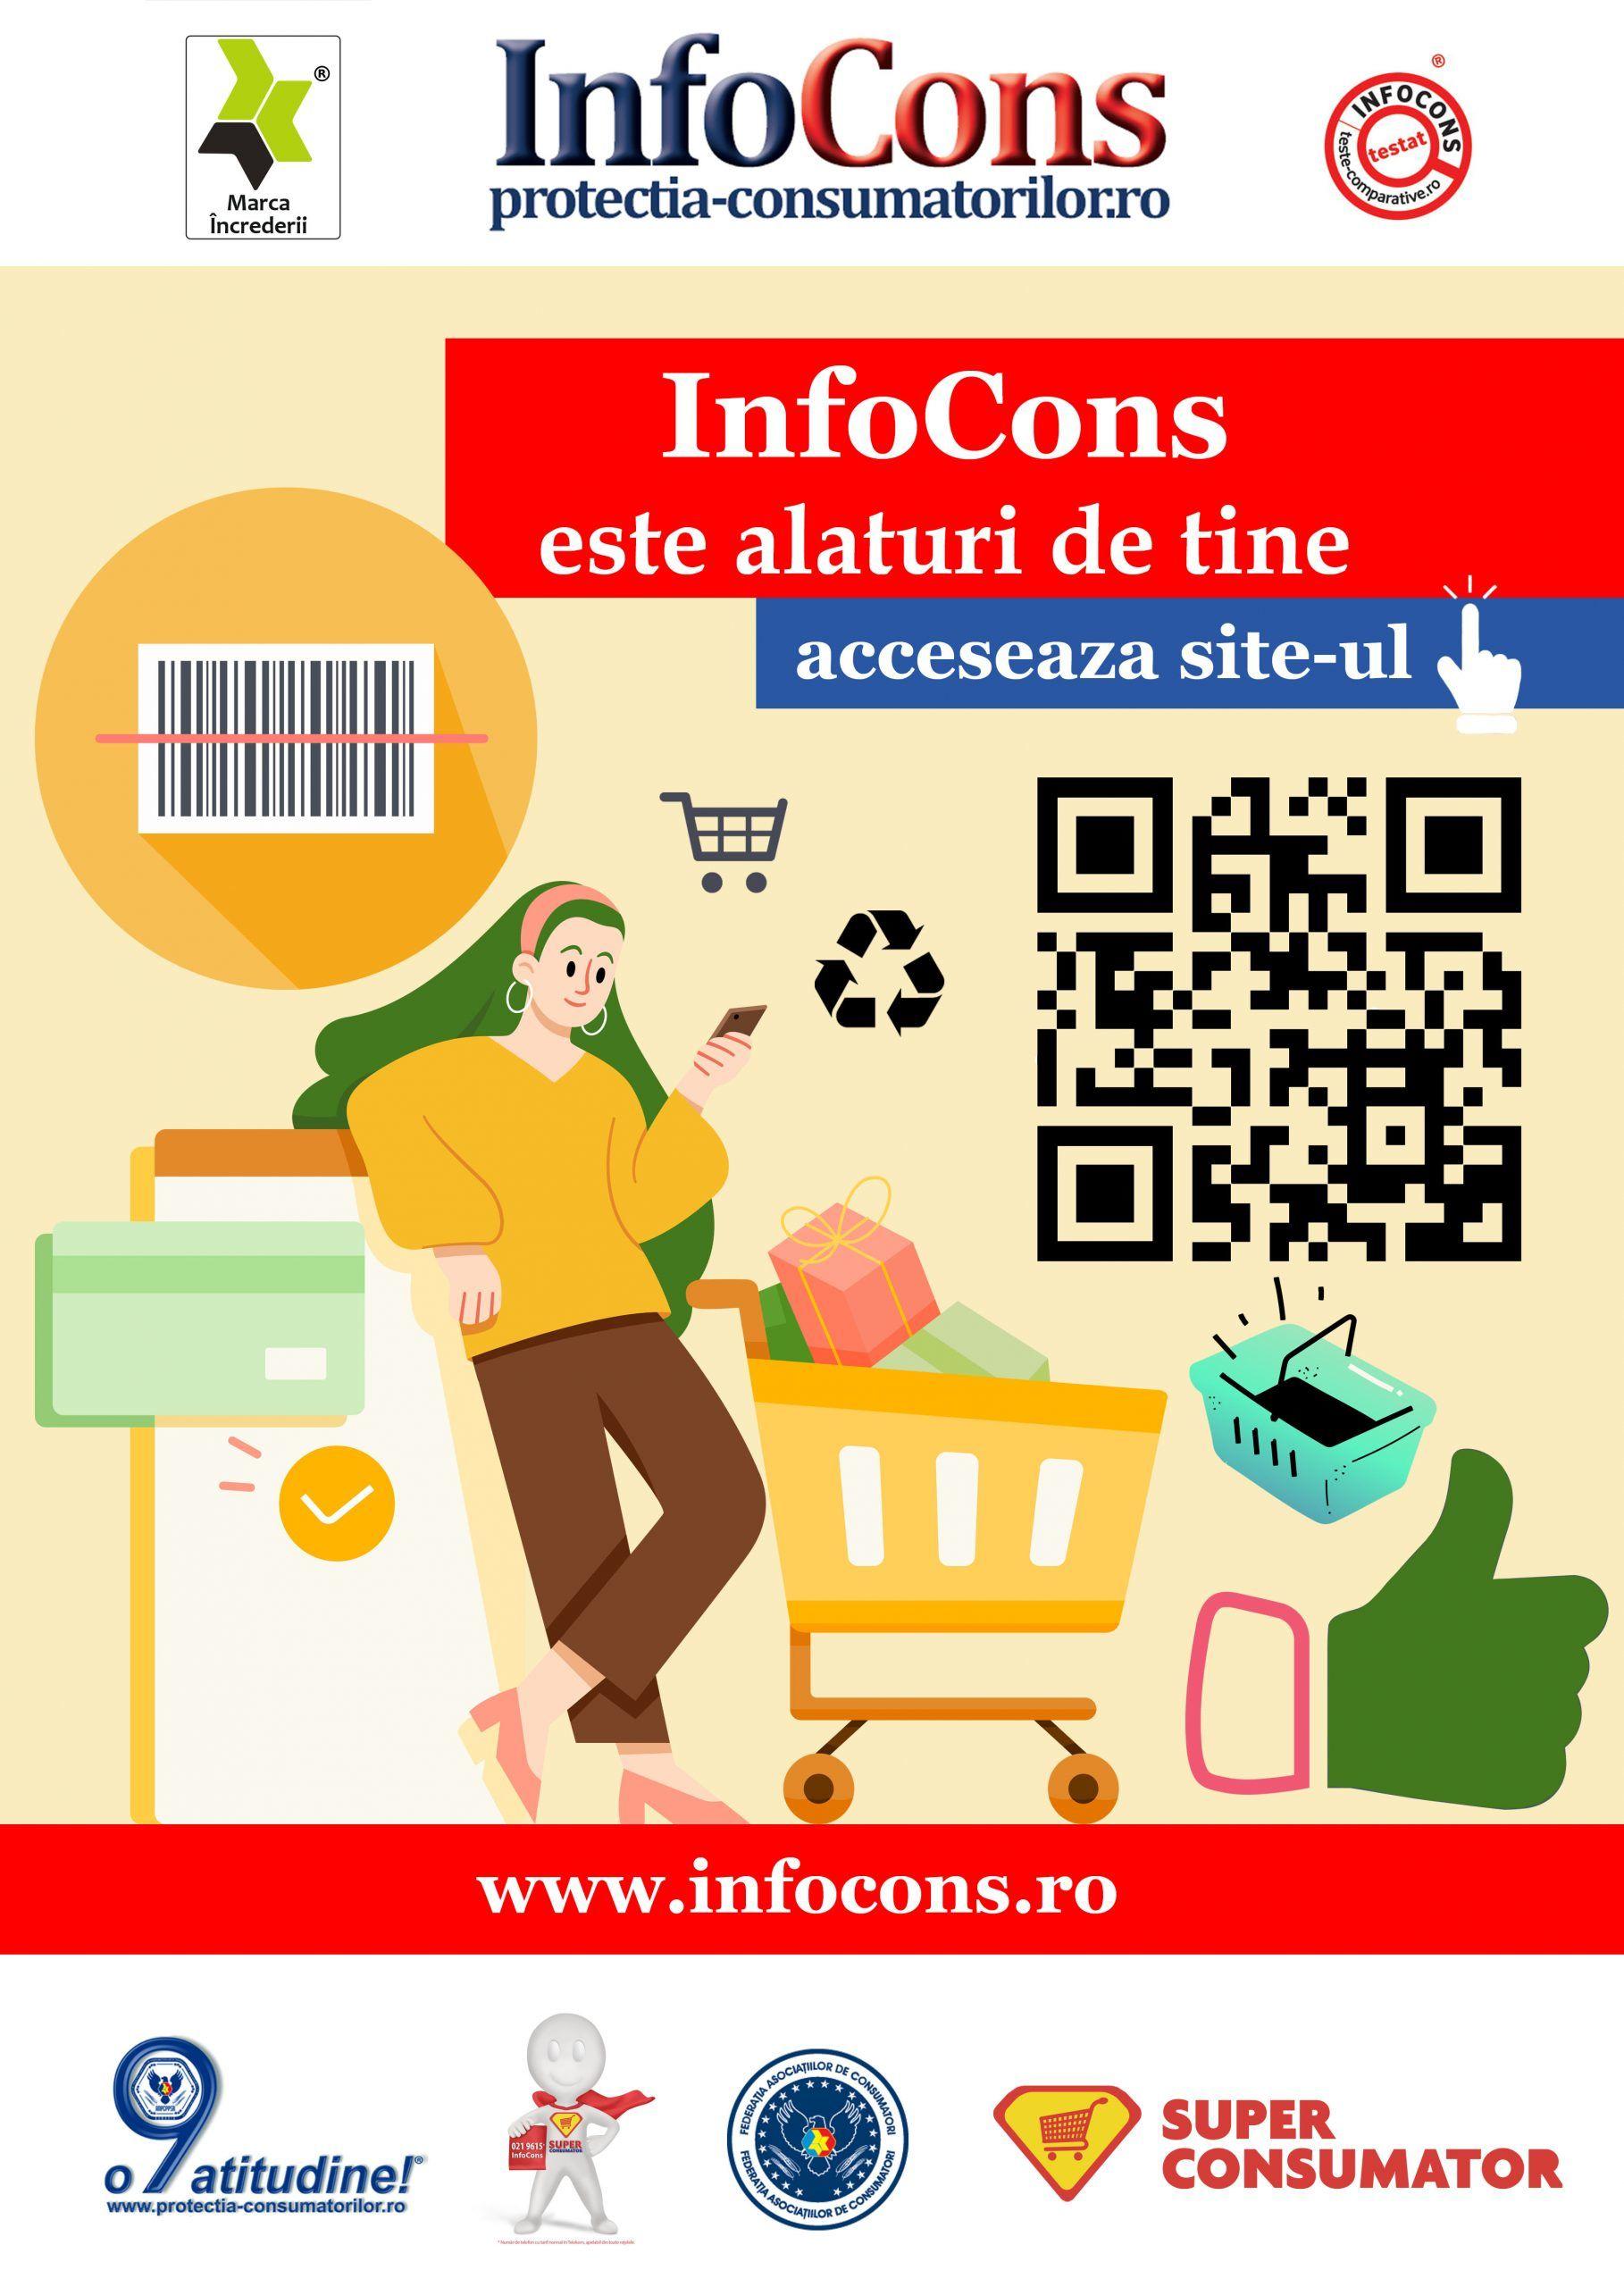 InfoCons - protectia consumatorilor protectia consumatorului - acceseaza site-ul